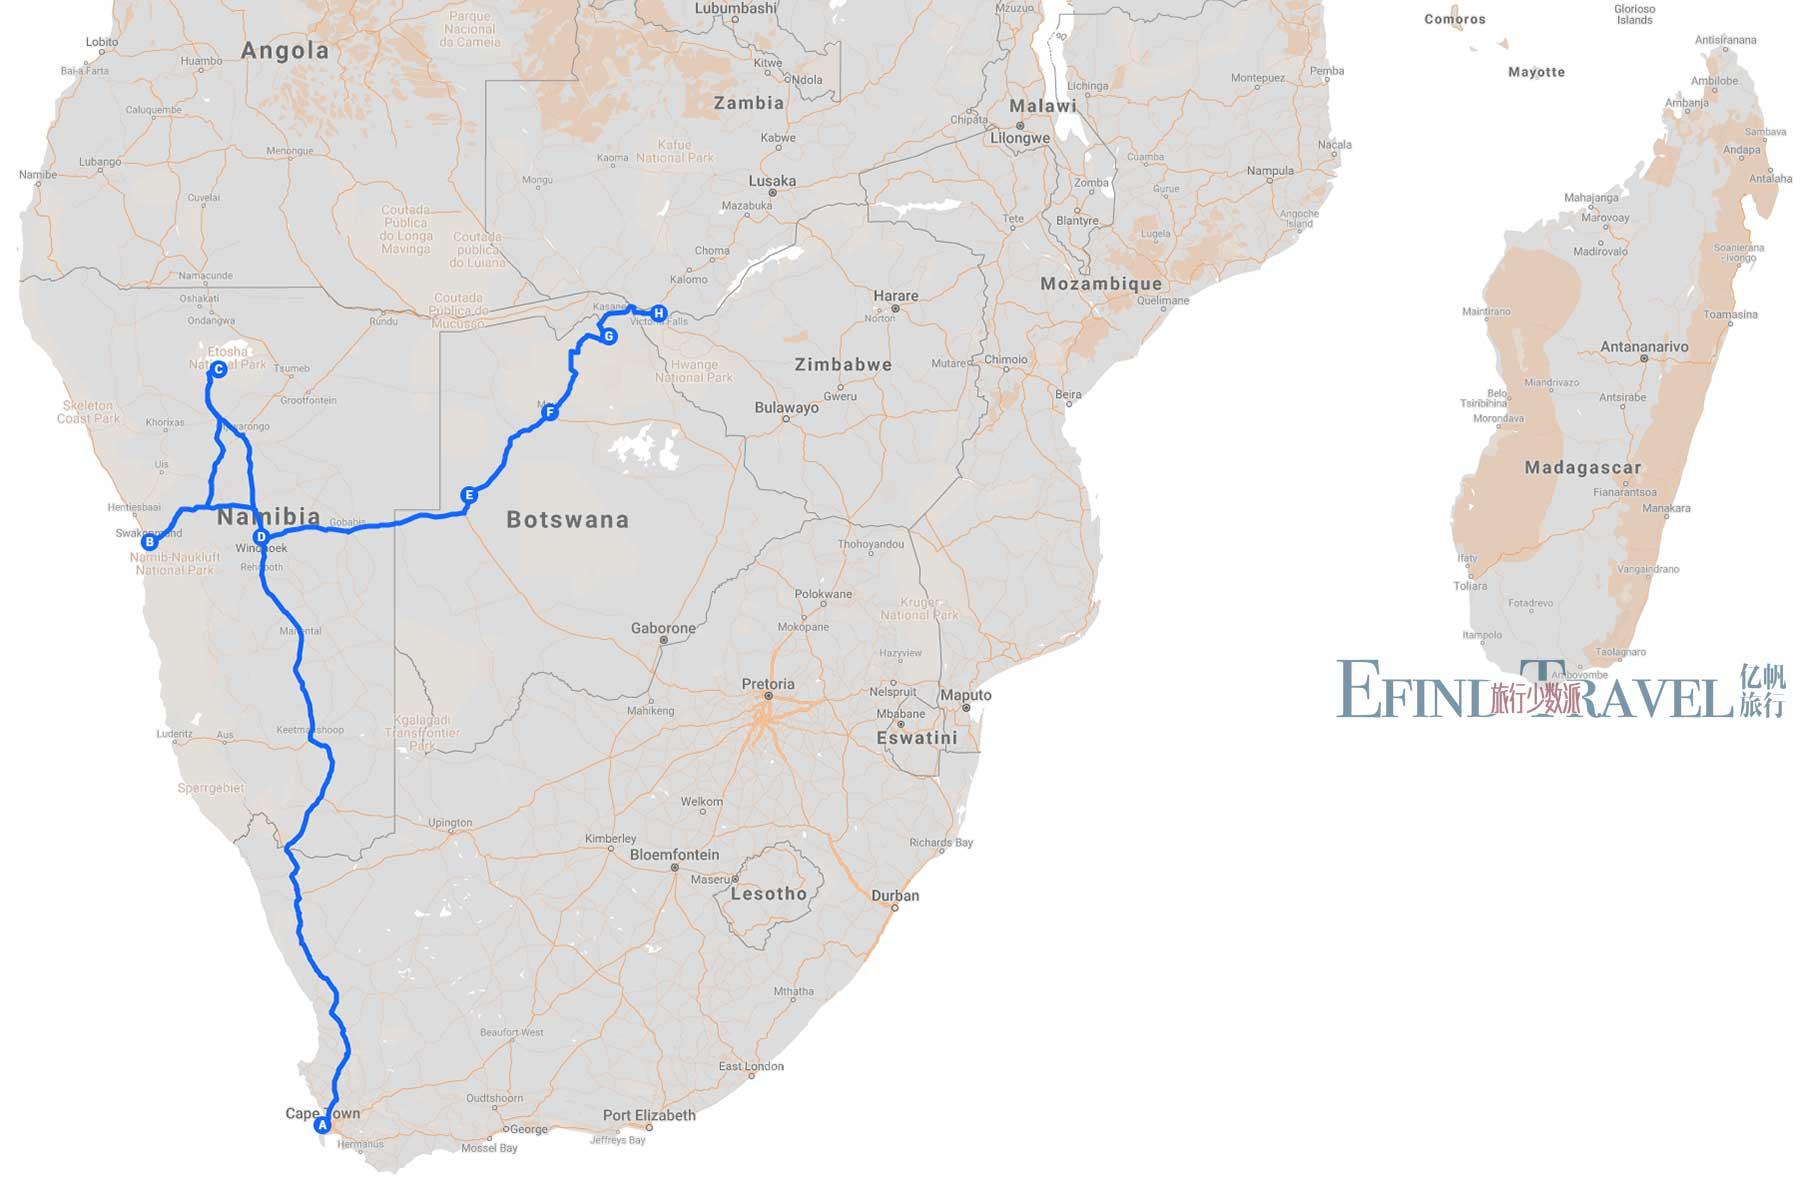 穿越非洲旅游22天地图